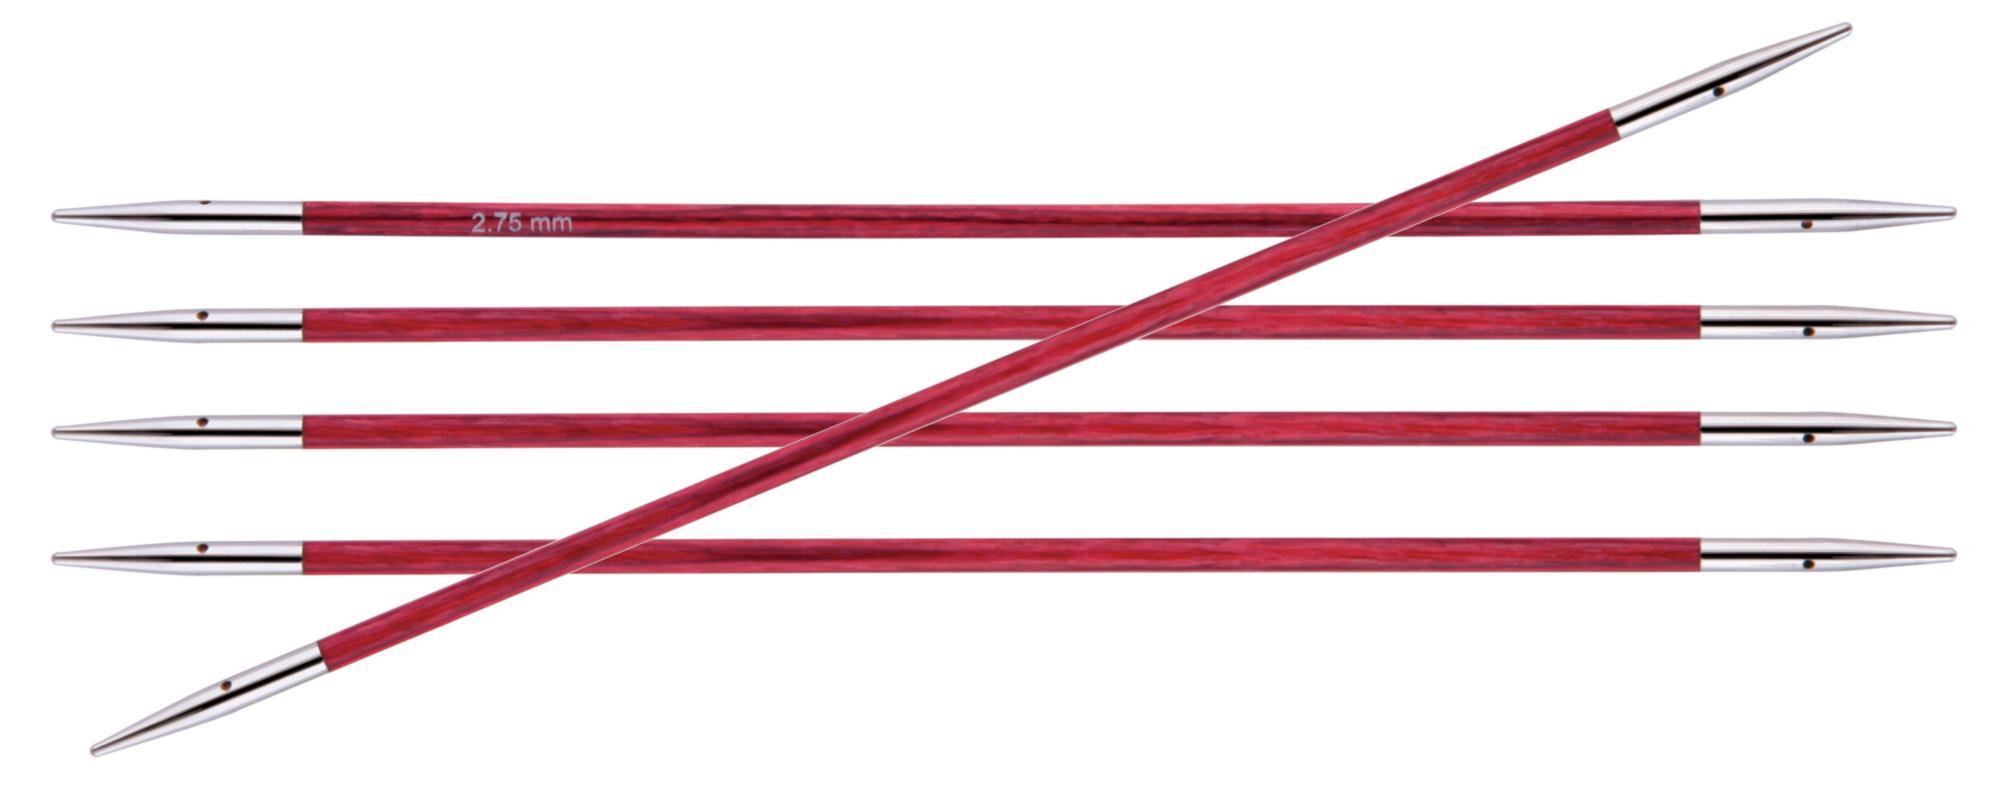 Спицы носочные 15 см Royale KnitPro, 29004, 2.75 мм